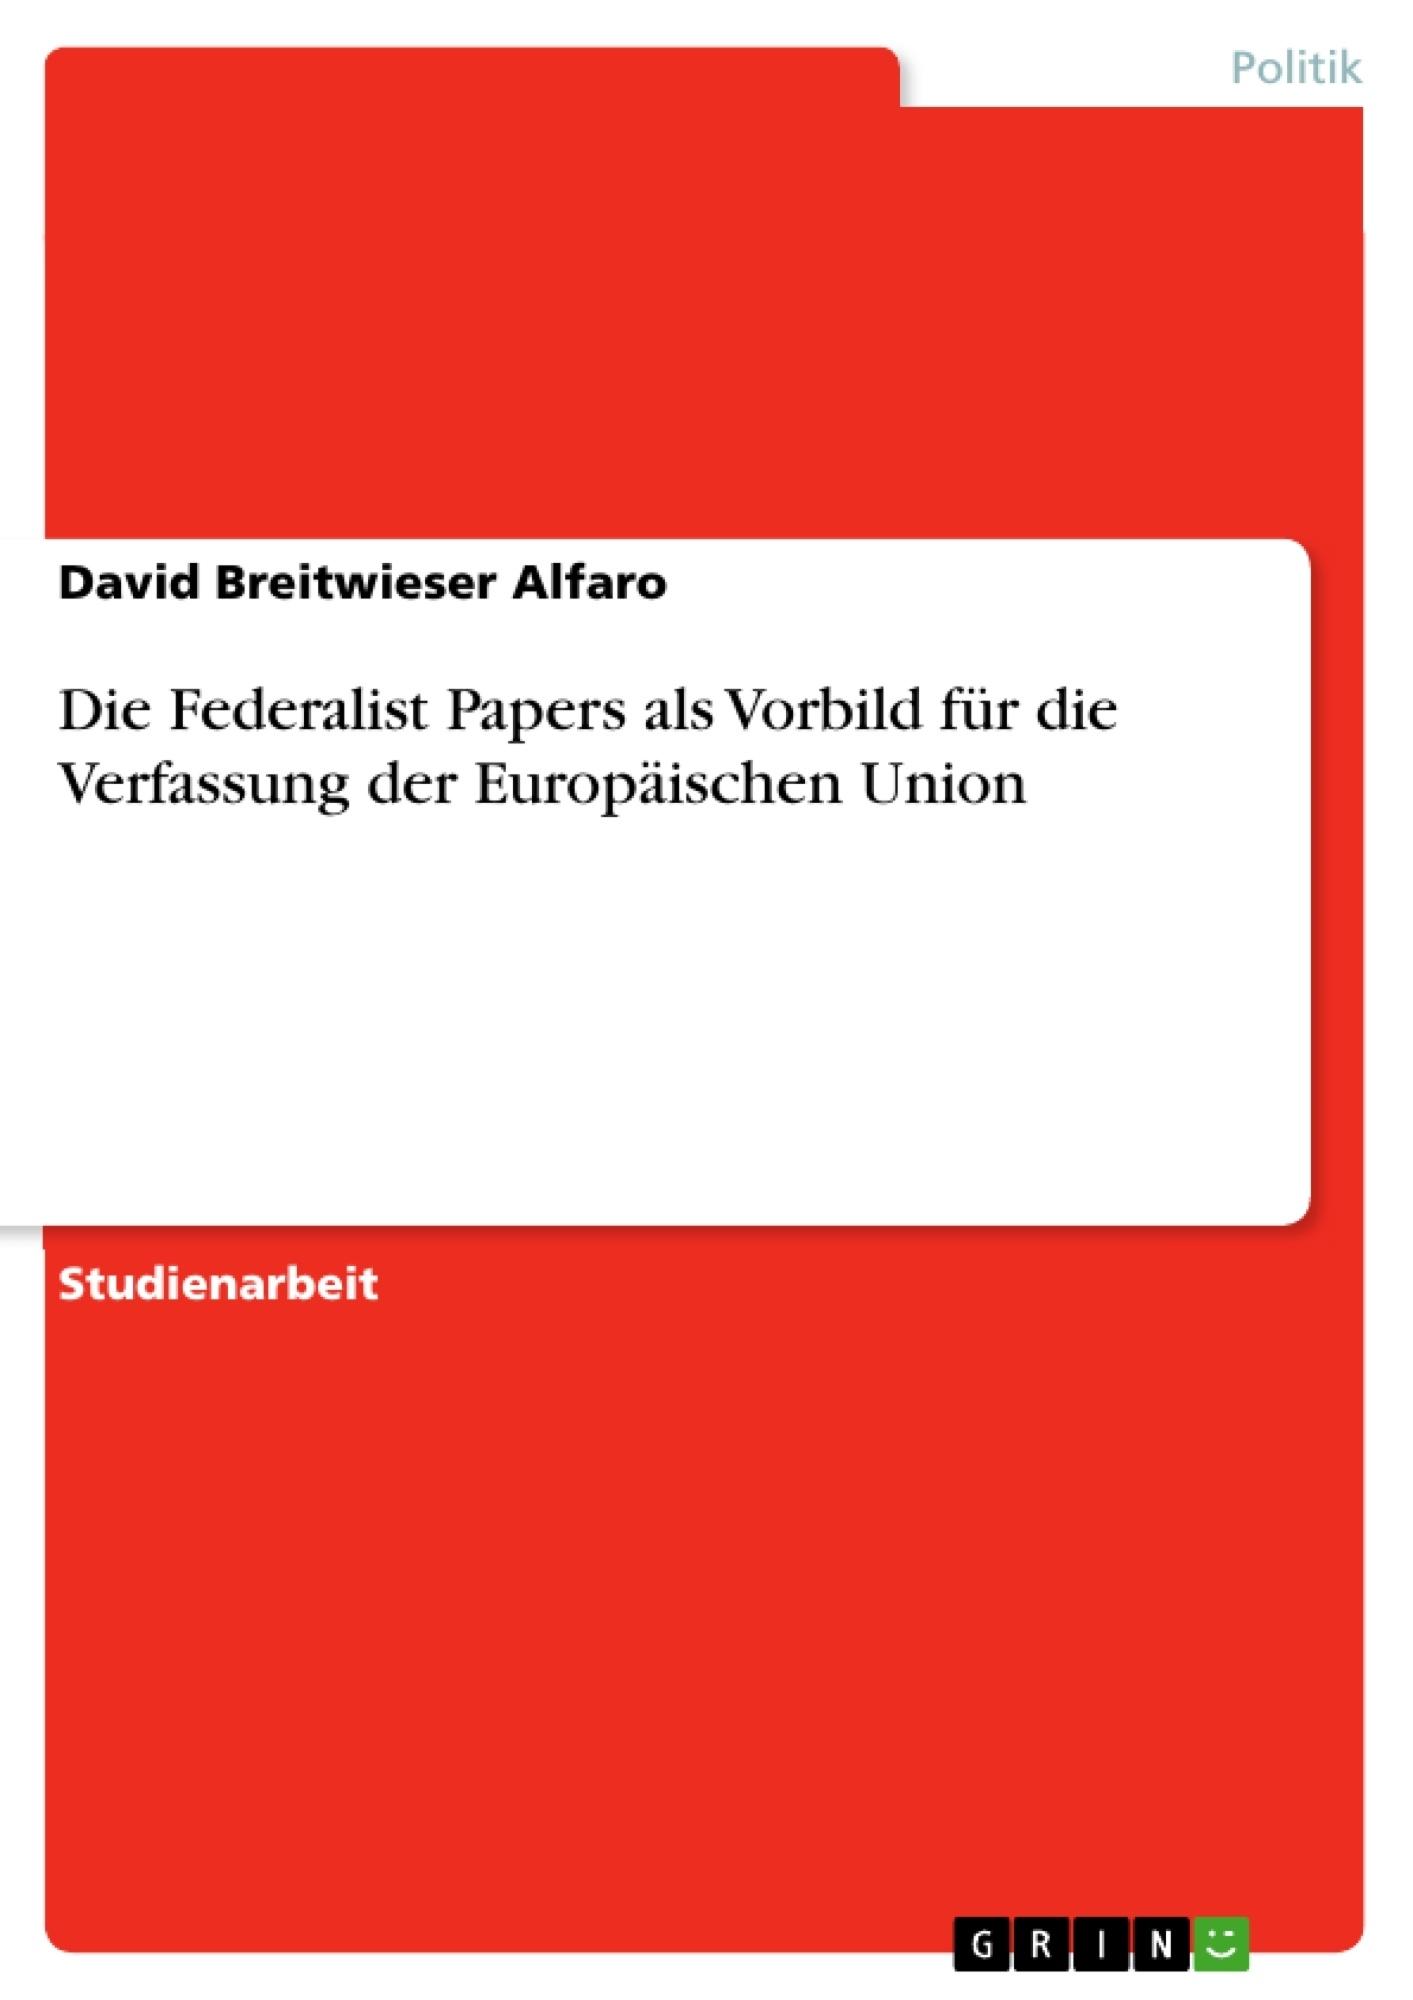 Titel: Die Federalist Papers als Vorbild für die Verfassung der Europäischen Union